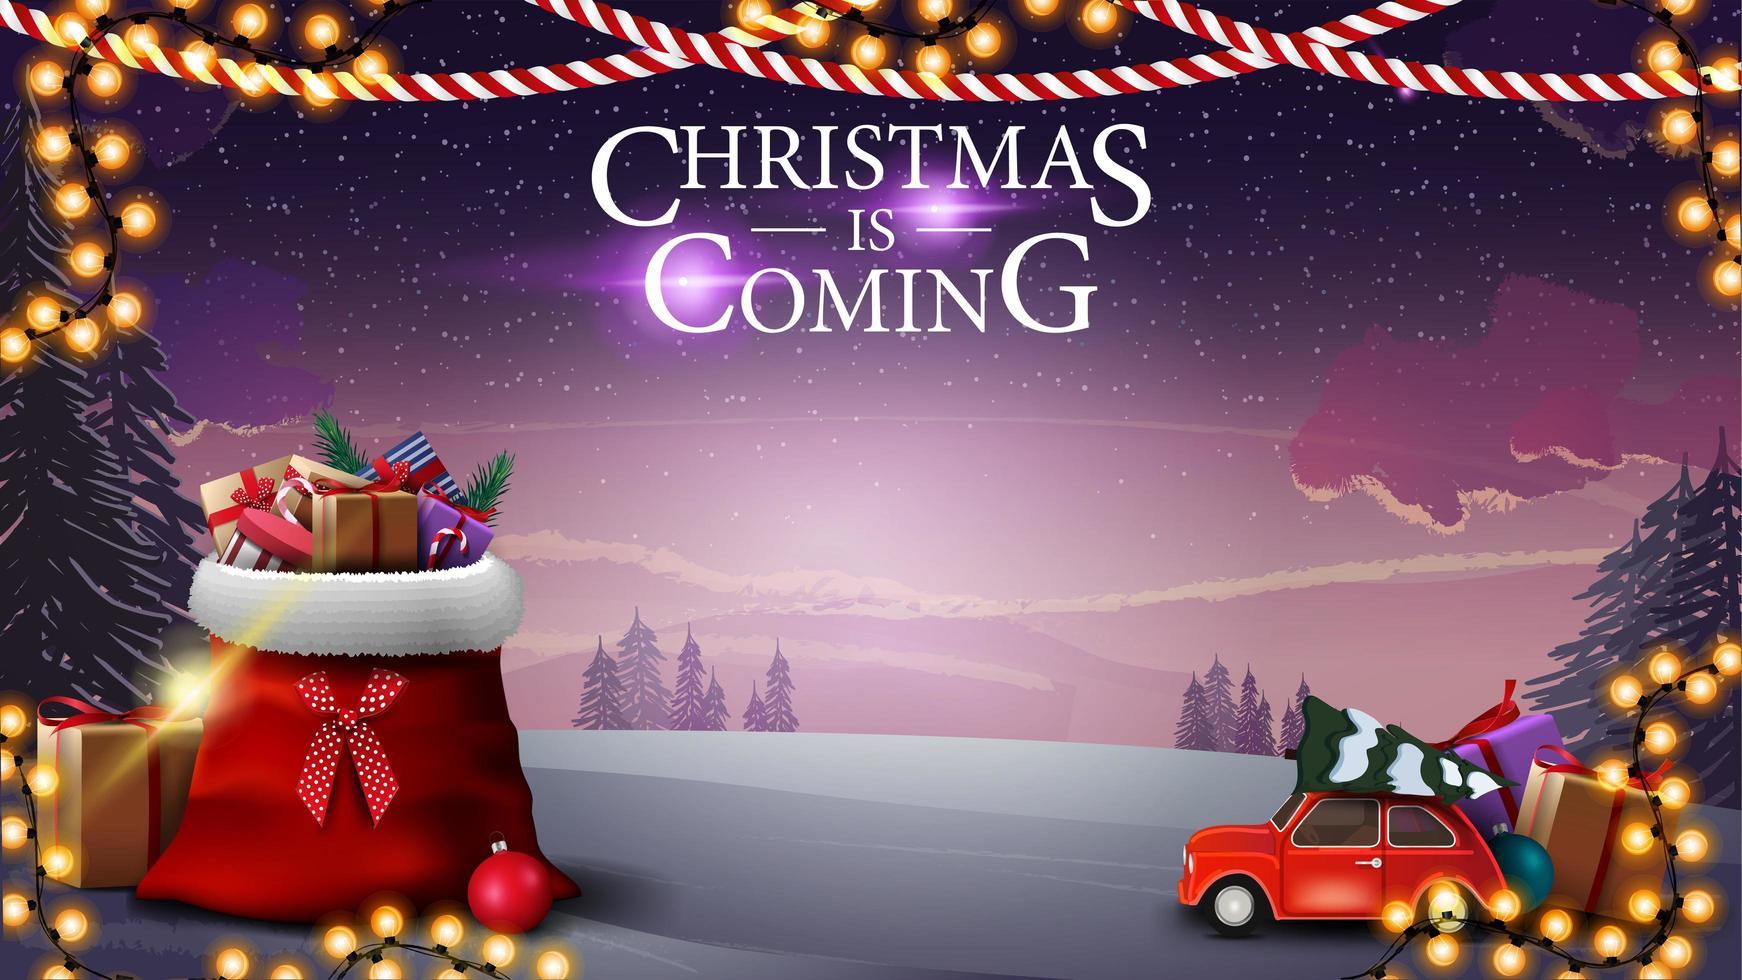 kerstmis komt eraan, ansichtkaart met prachtig winterlandschap, kerstman tas met cadeautjes en rode vintage auto met kerstboom vector